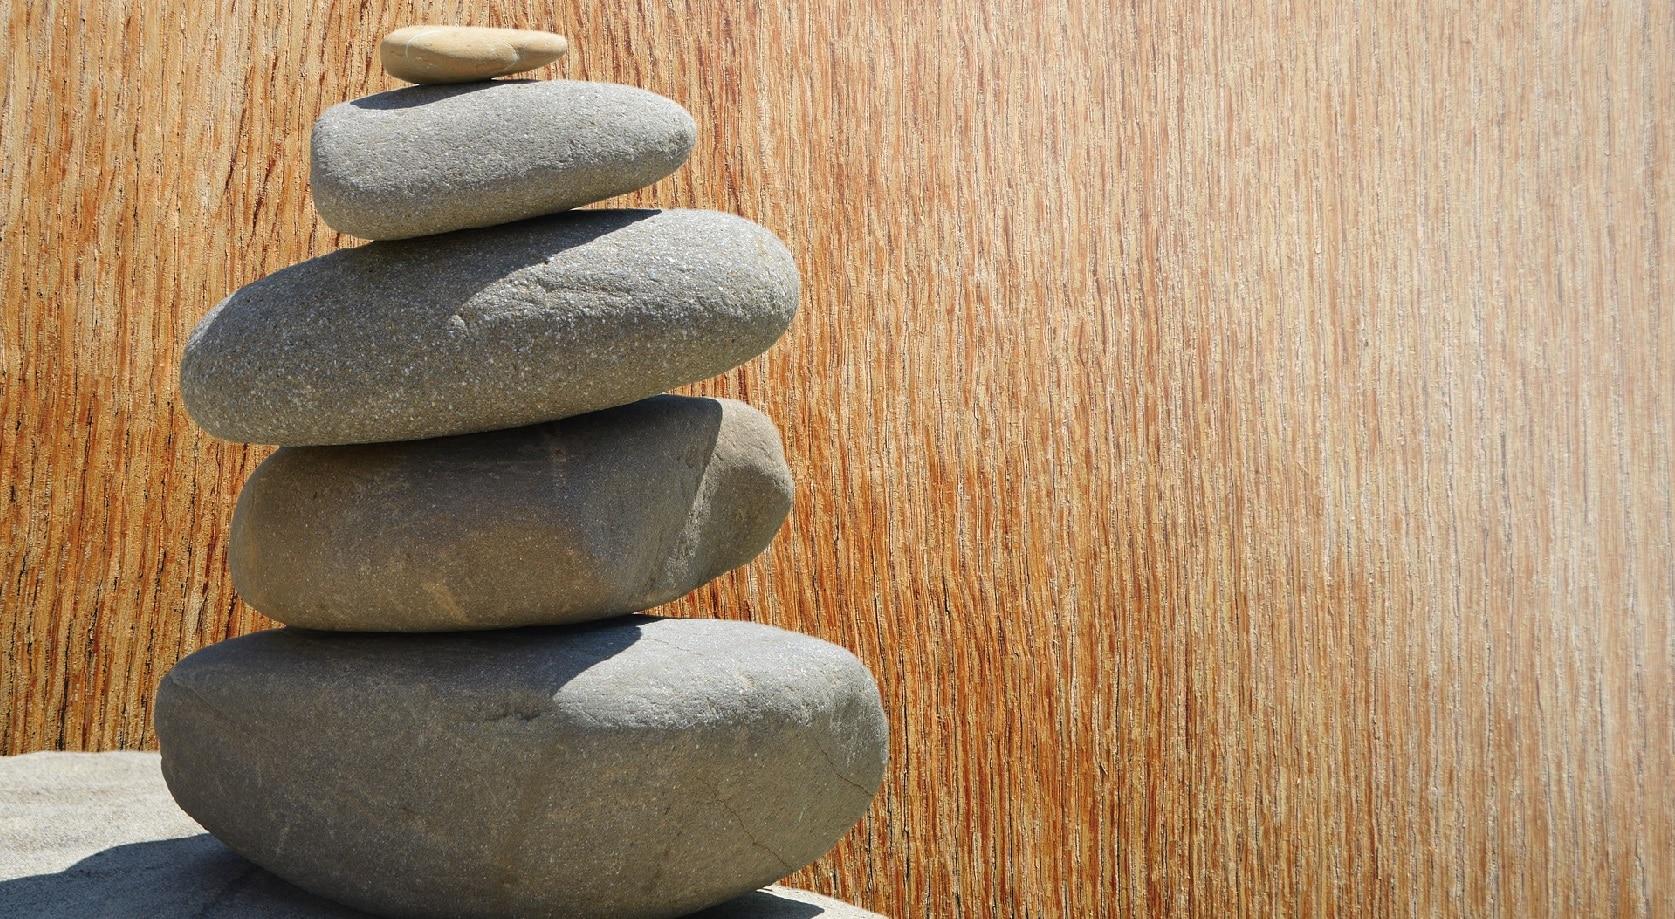 Feng shui et conseils de bien-être grâce aux portes et fenêtres